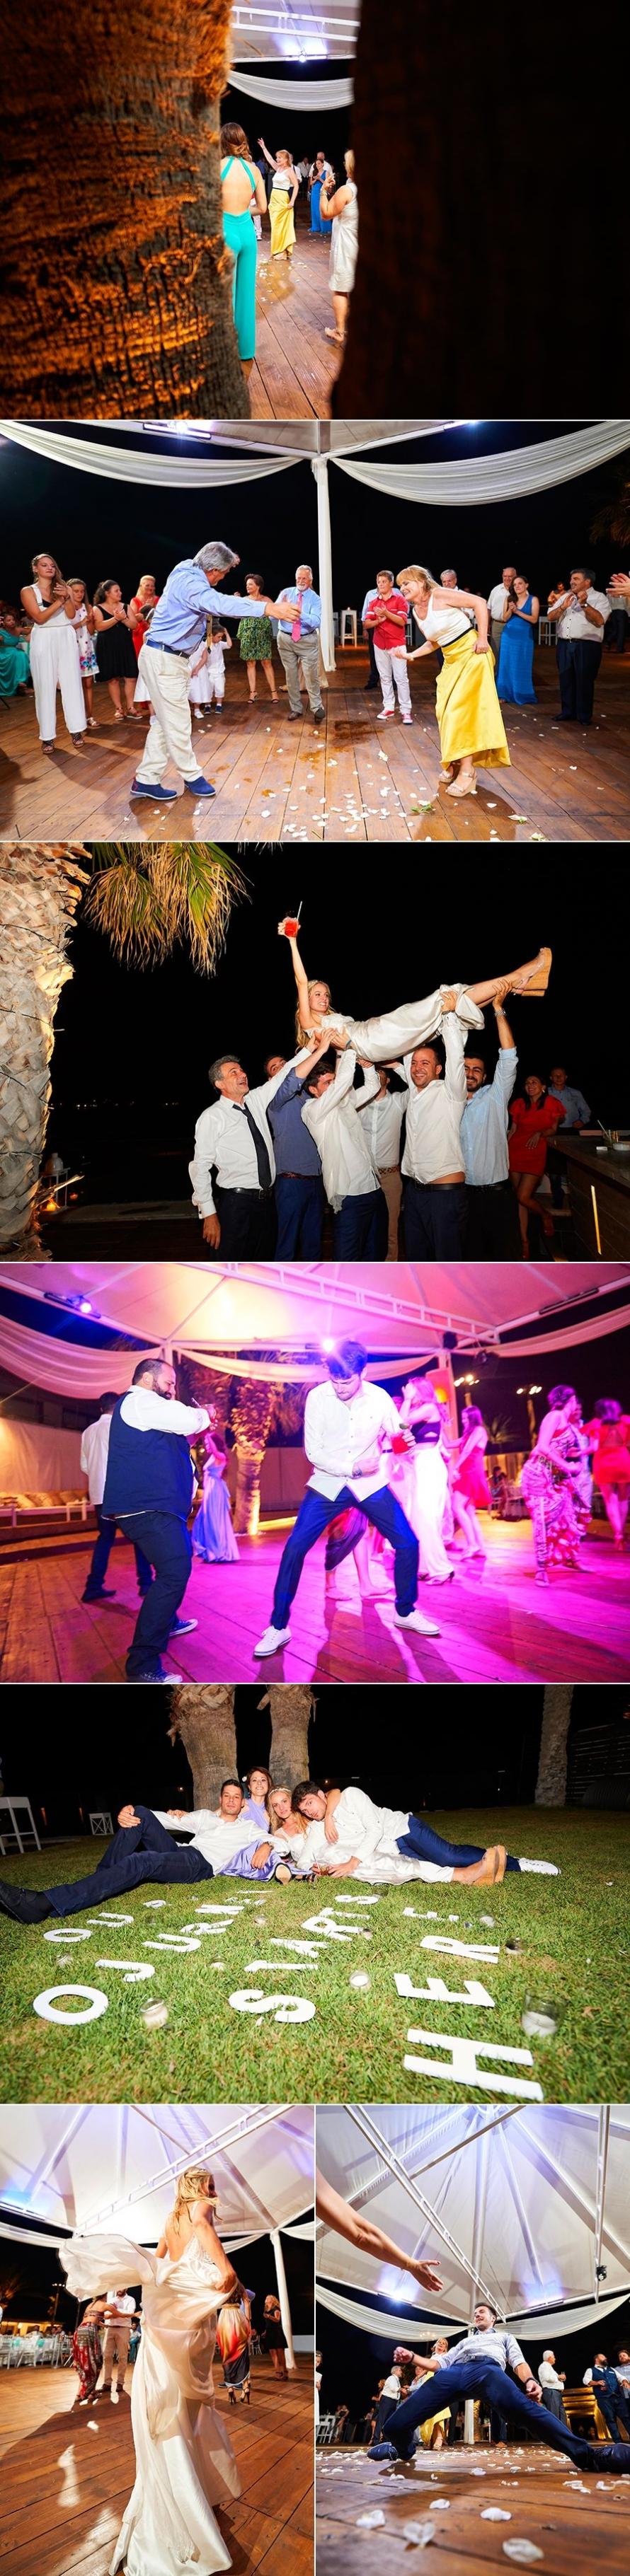 minas-georgia-wedding-photos-24